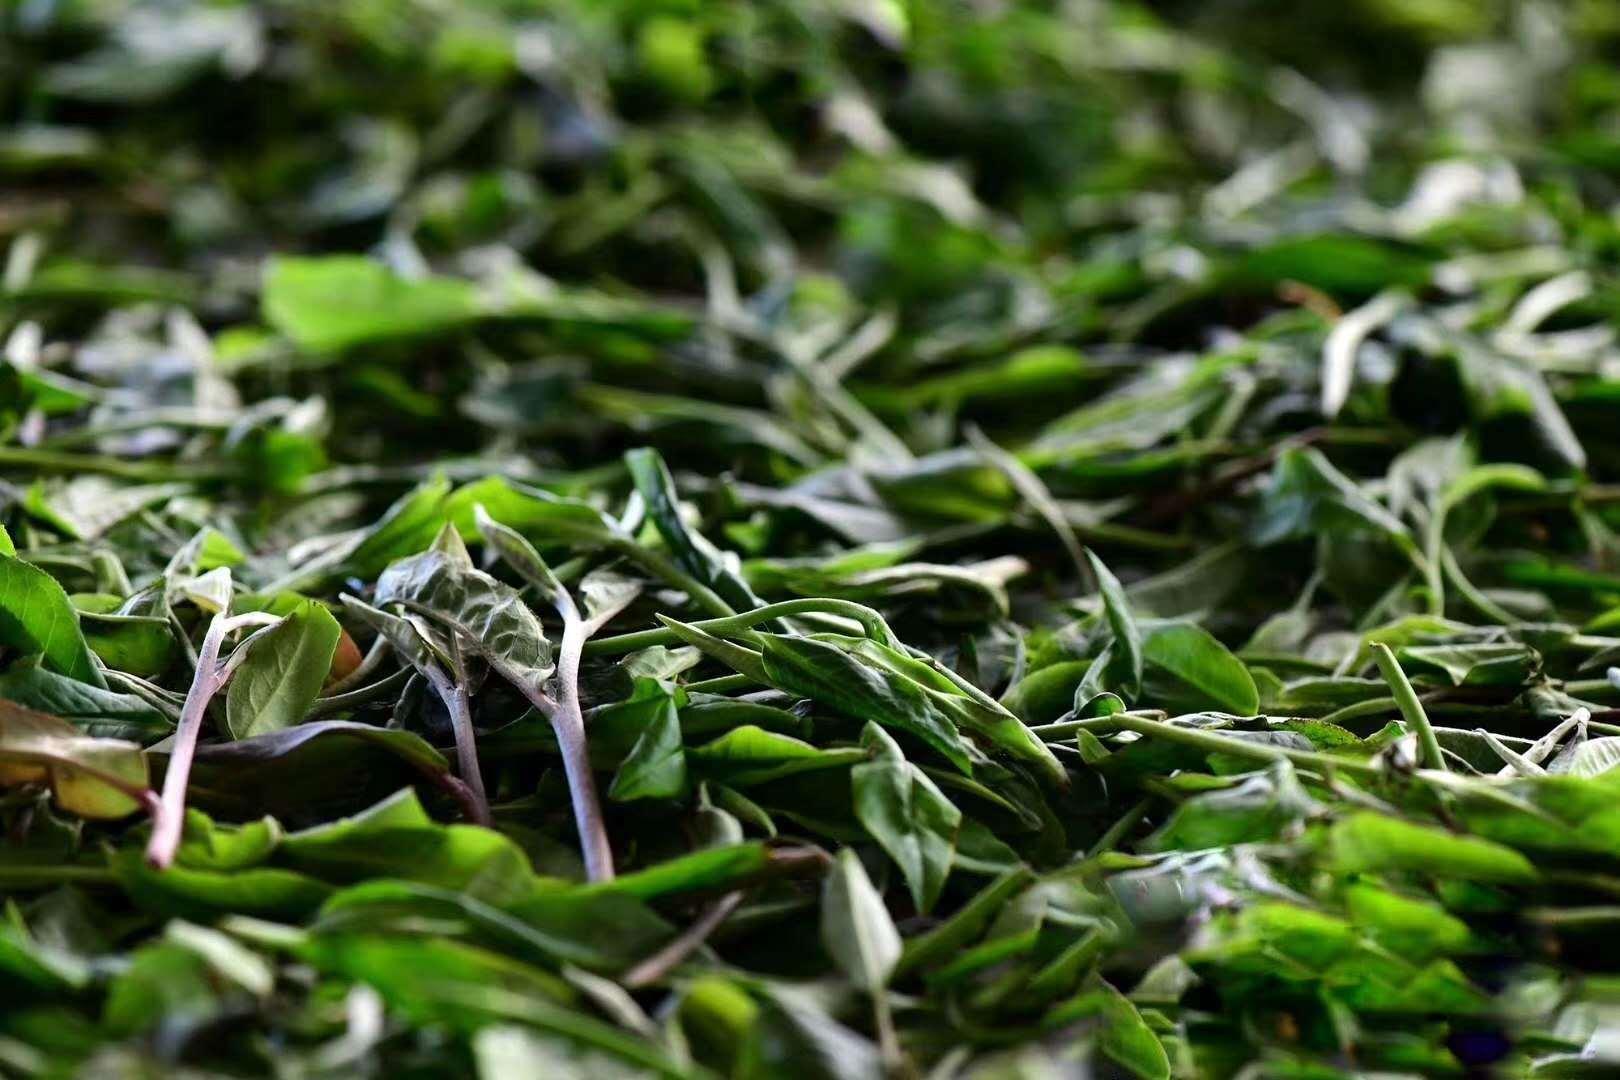 新鲜的茶叶怎样储存为最佳